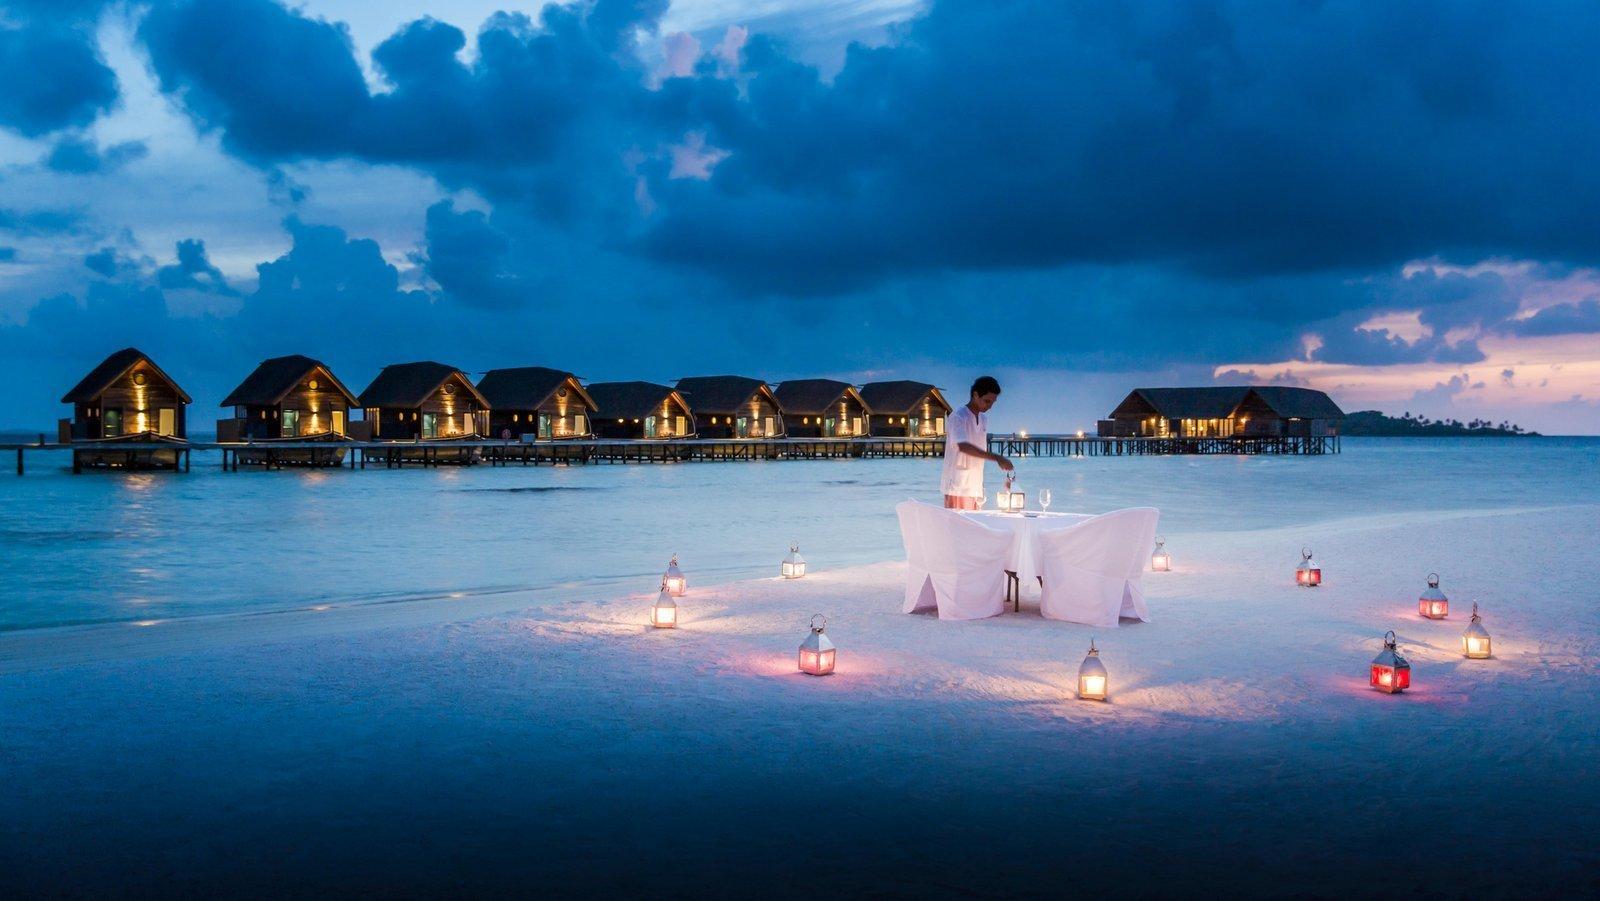 Мальдивы, отель COMO Cocoa Island, ужин при свечах